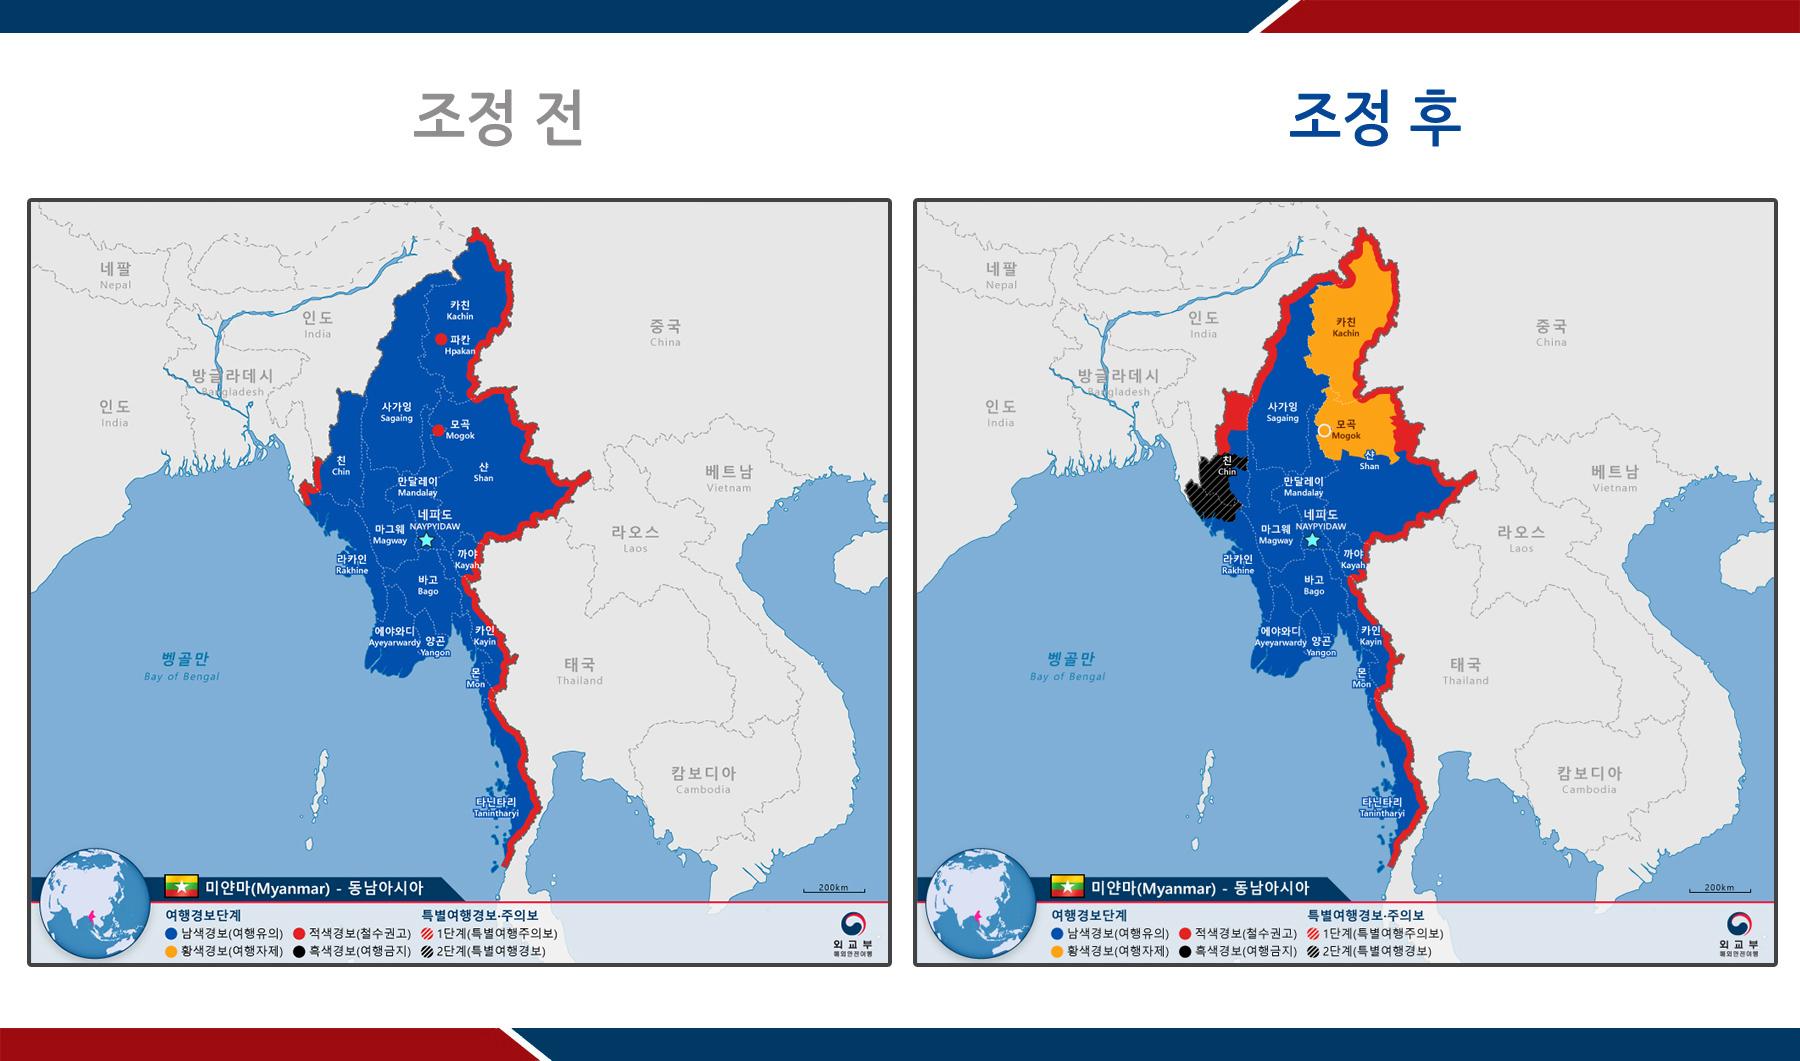 4월 16일부로 미얀마와 방글라데시 접경 라카인 주(州) 북부 지역 등에 특별여행경보를 발령하는 등 미얀마 일부 지역 여행경보를 조정하여 발령